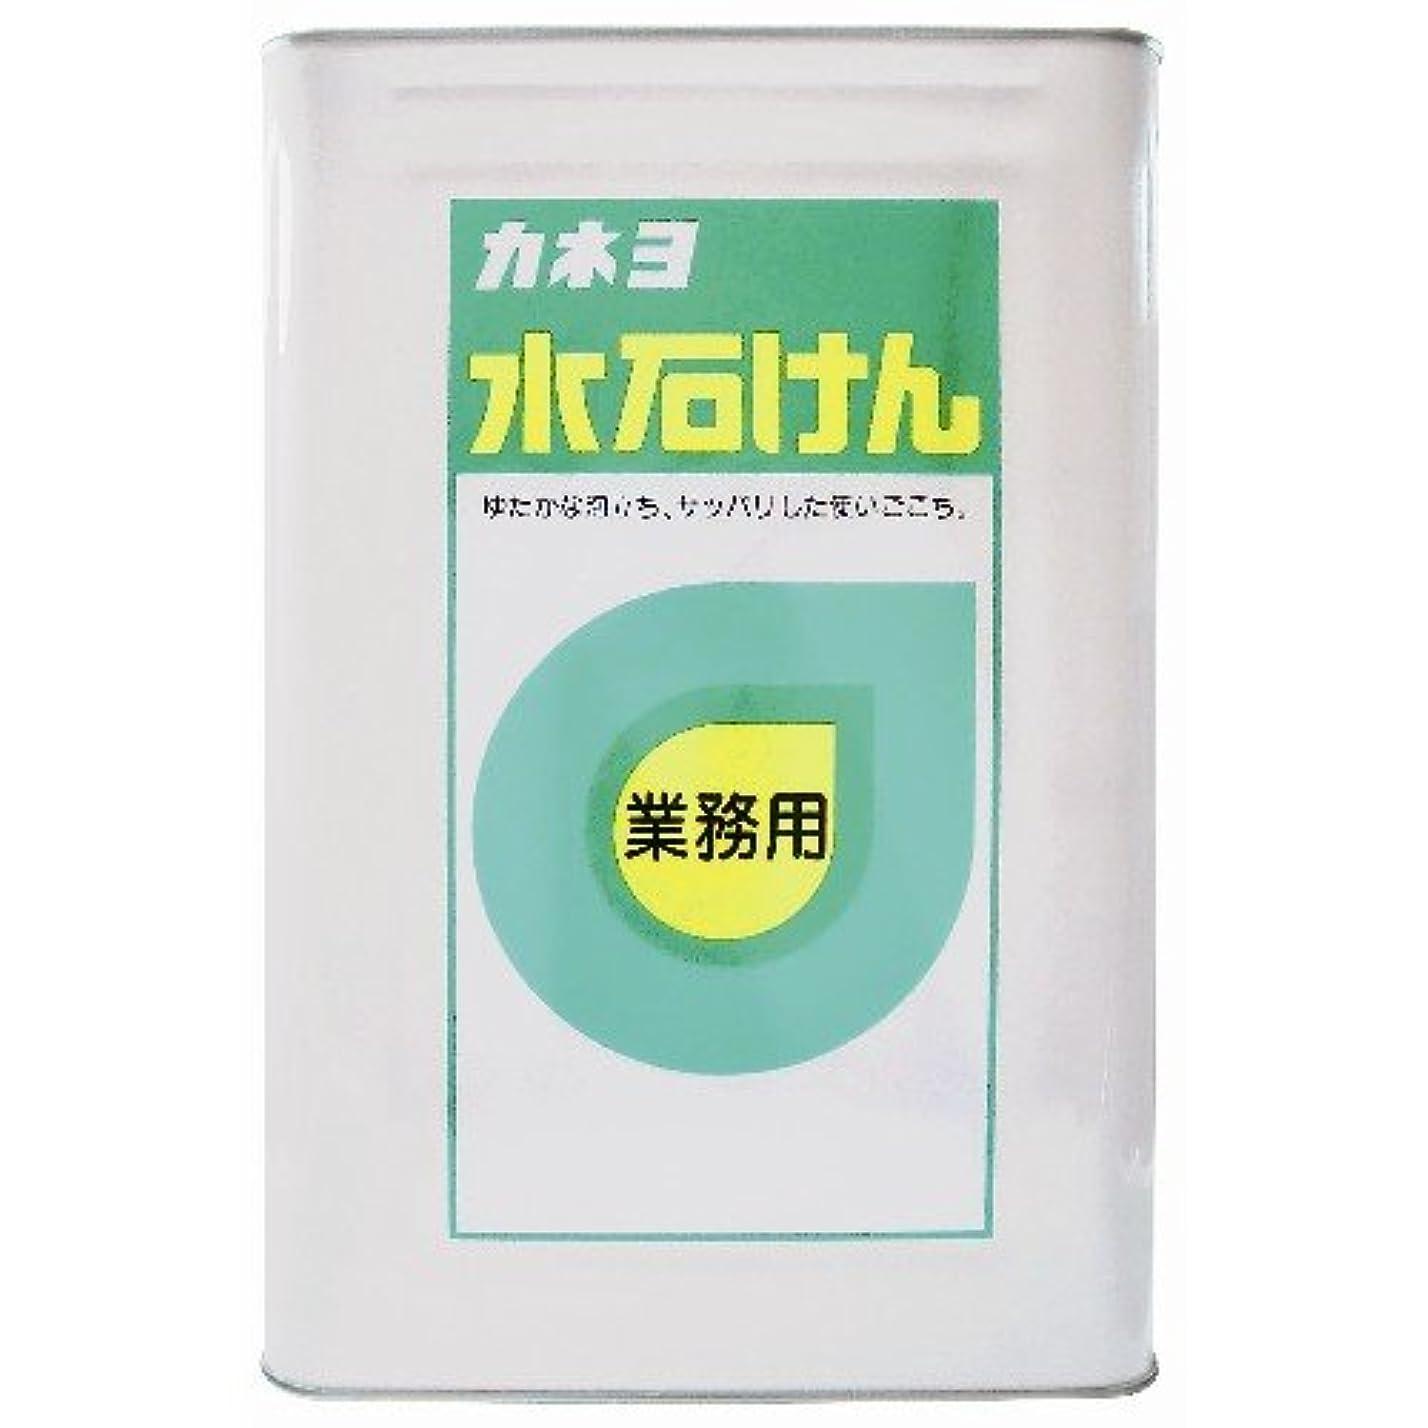 ブリードインタラクションドリル【大容量】 カネヨ石鹸 ハンドソープ 水石けん 液体 業務用 18L 一斗缶